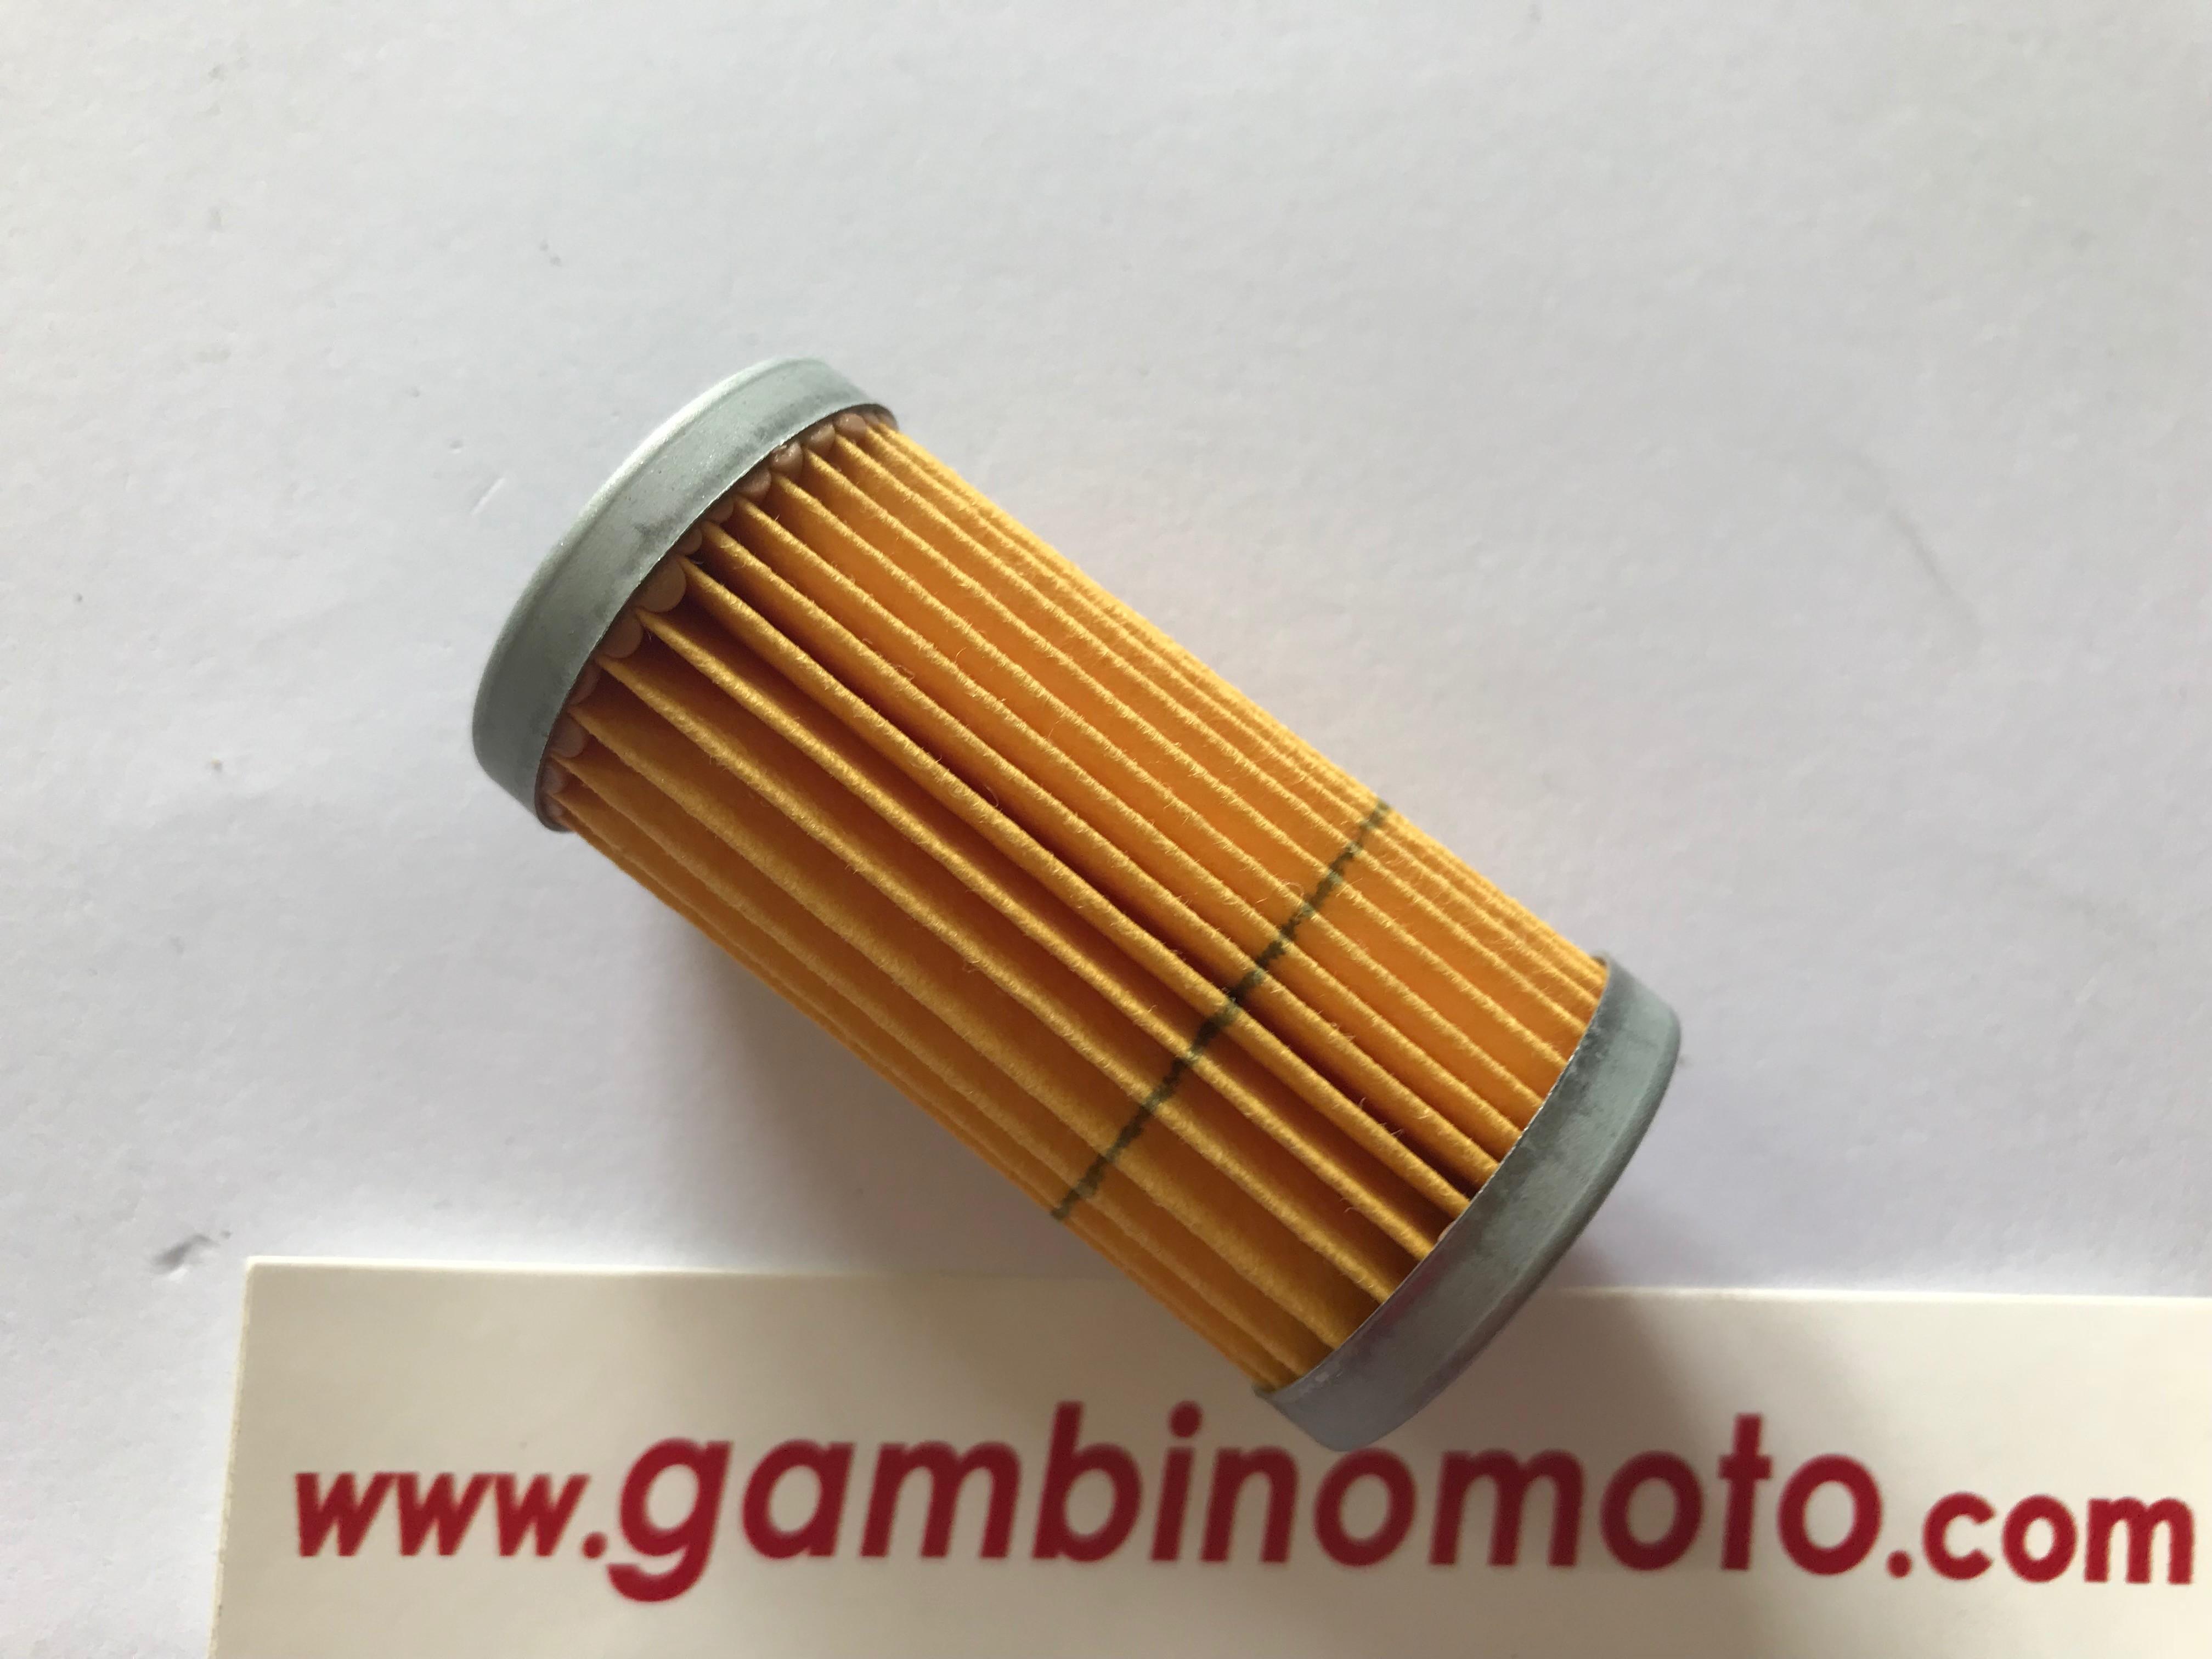 FILTRO NAFTA GASOLIO LOMBARDINI 5 CAVALLI 15LD225